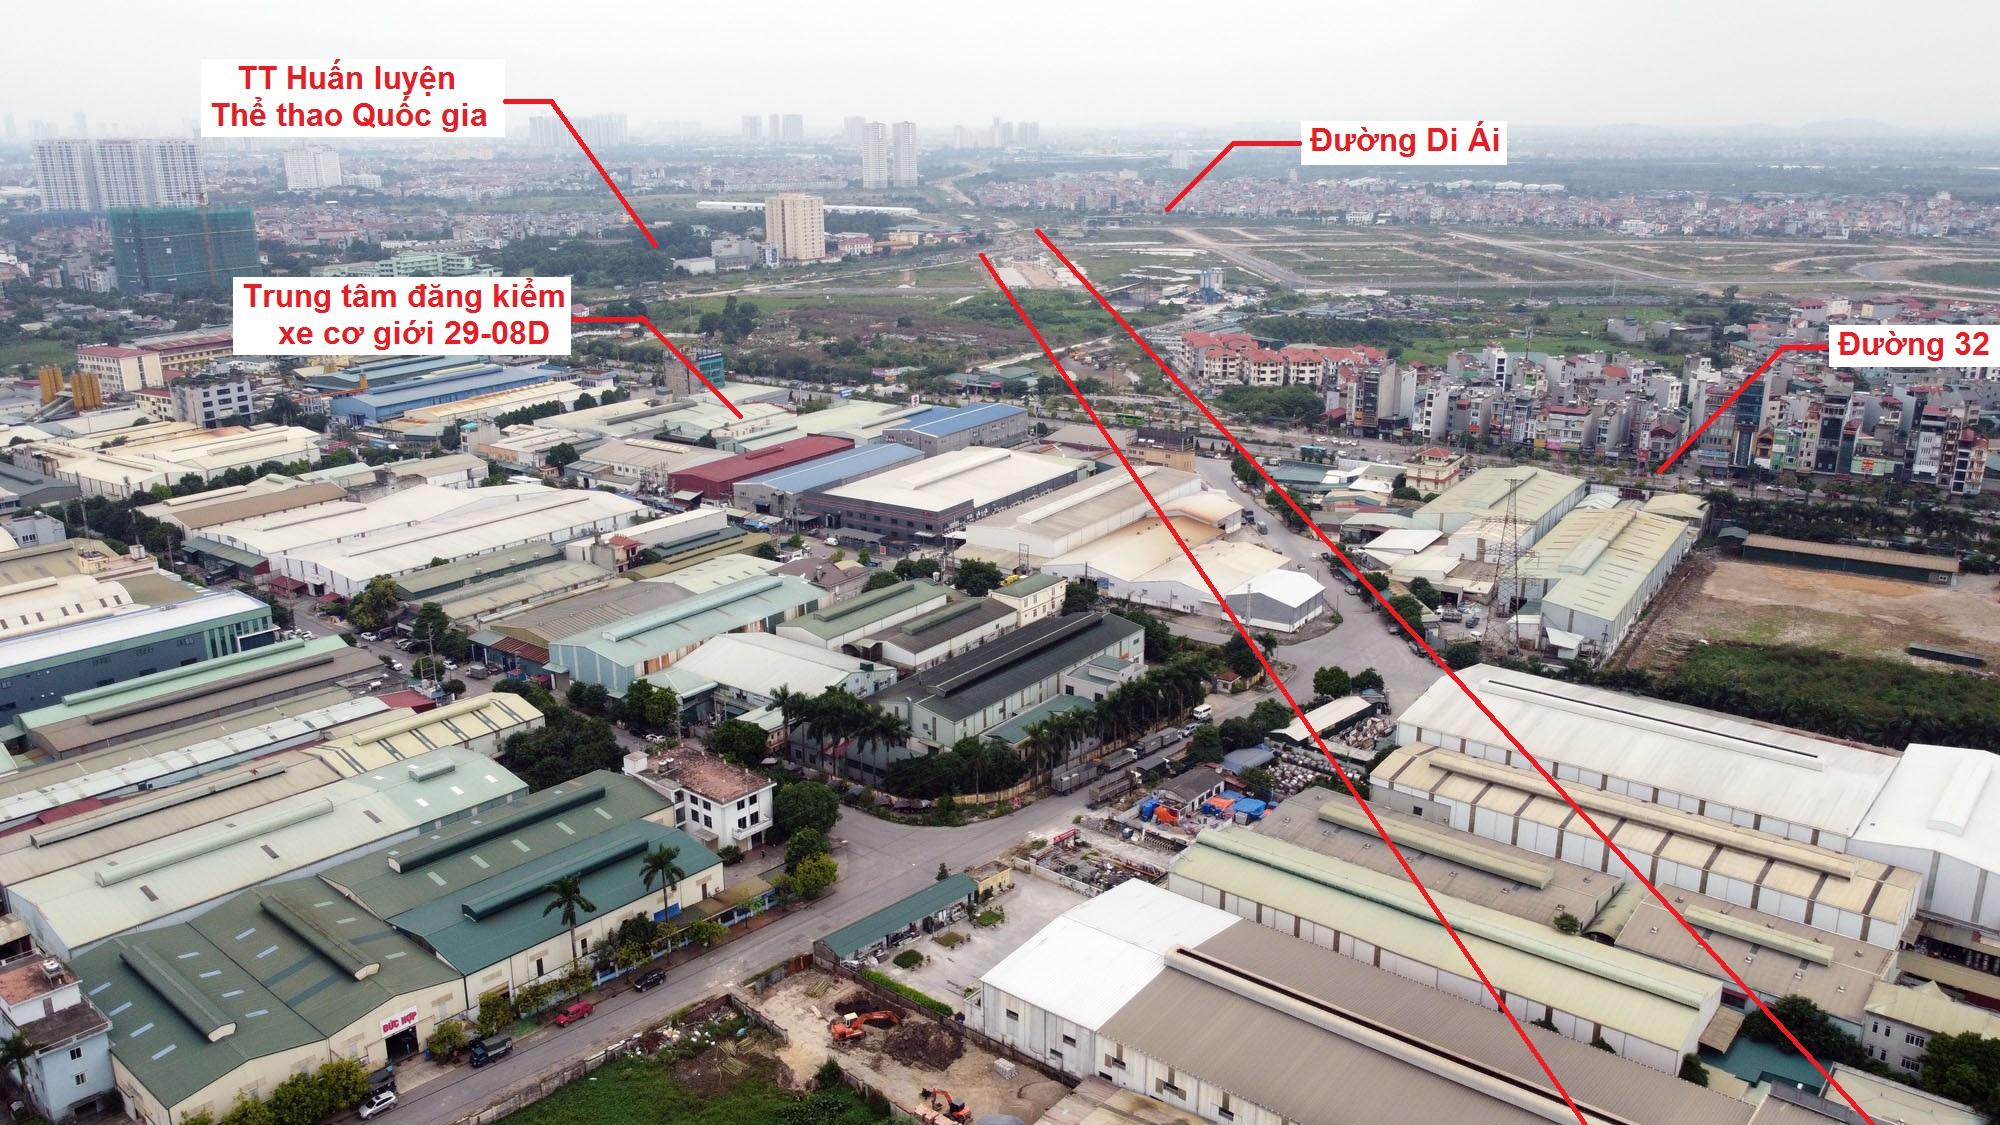 Ba đường sẽ mở theo qui hoạch ở xã Kim Chung, Hoài Đức, Hà Nội - Ảnh 4.